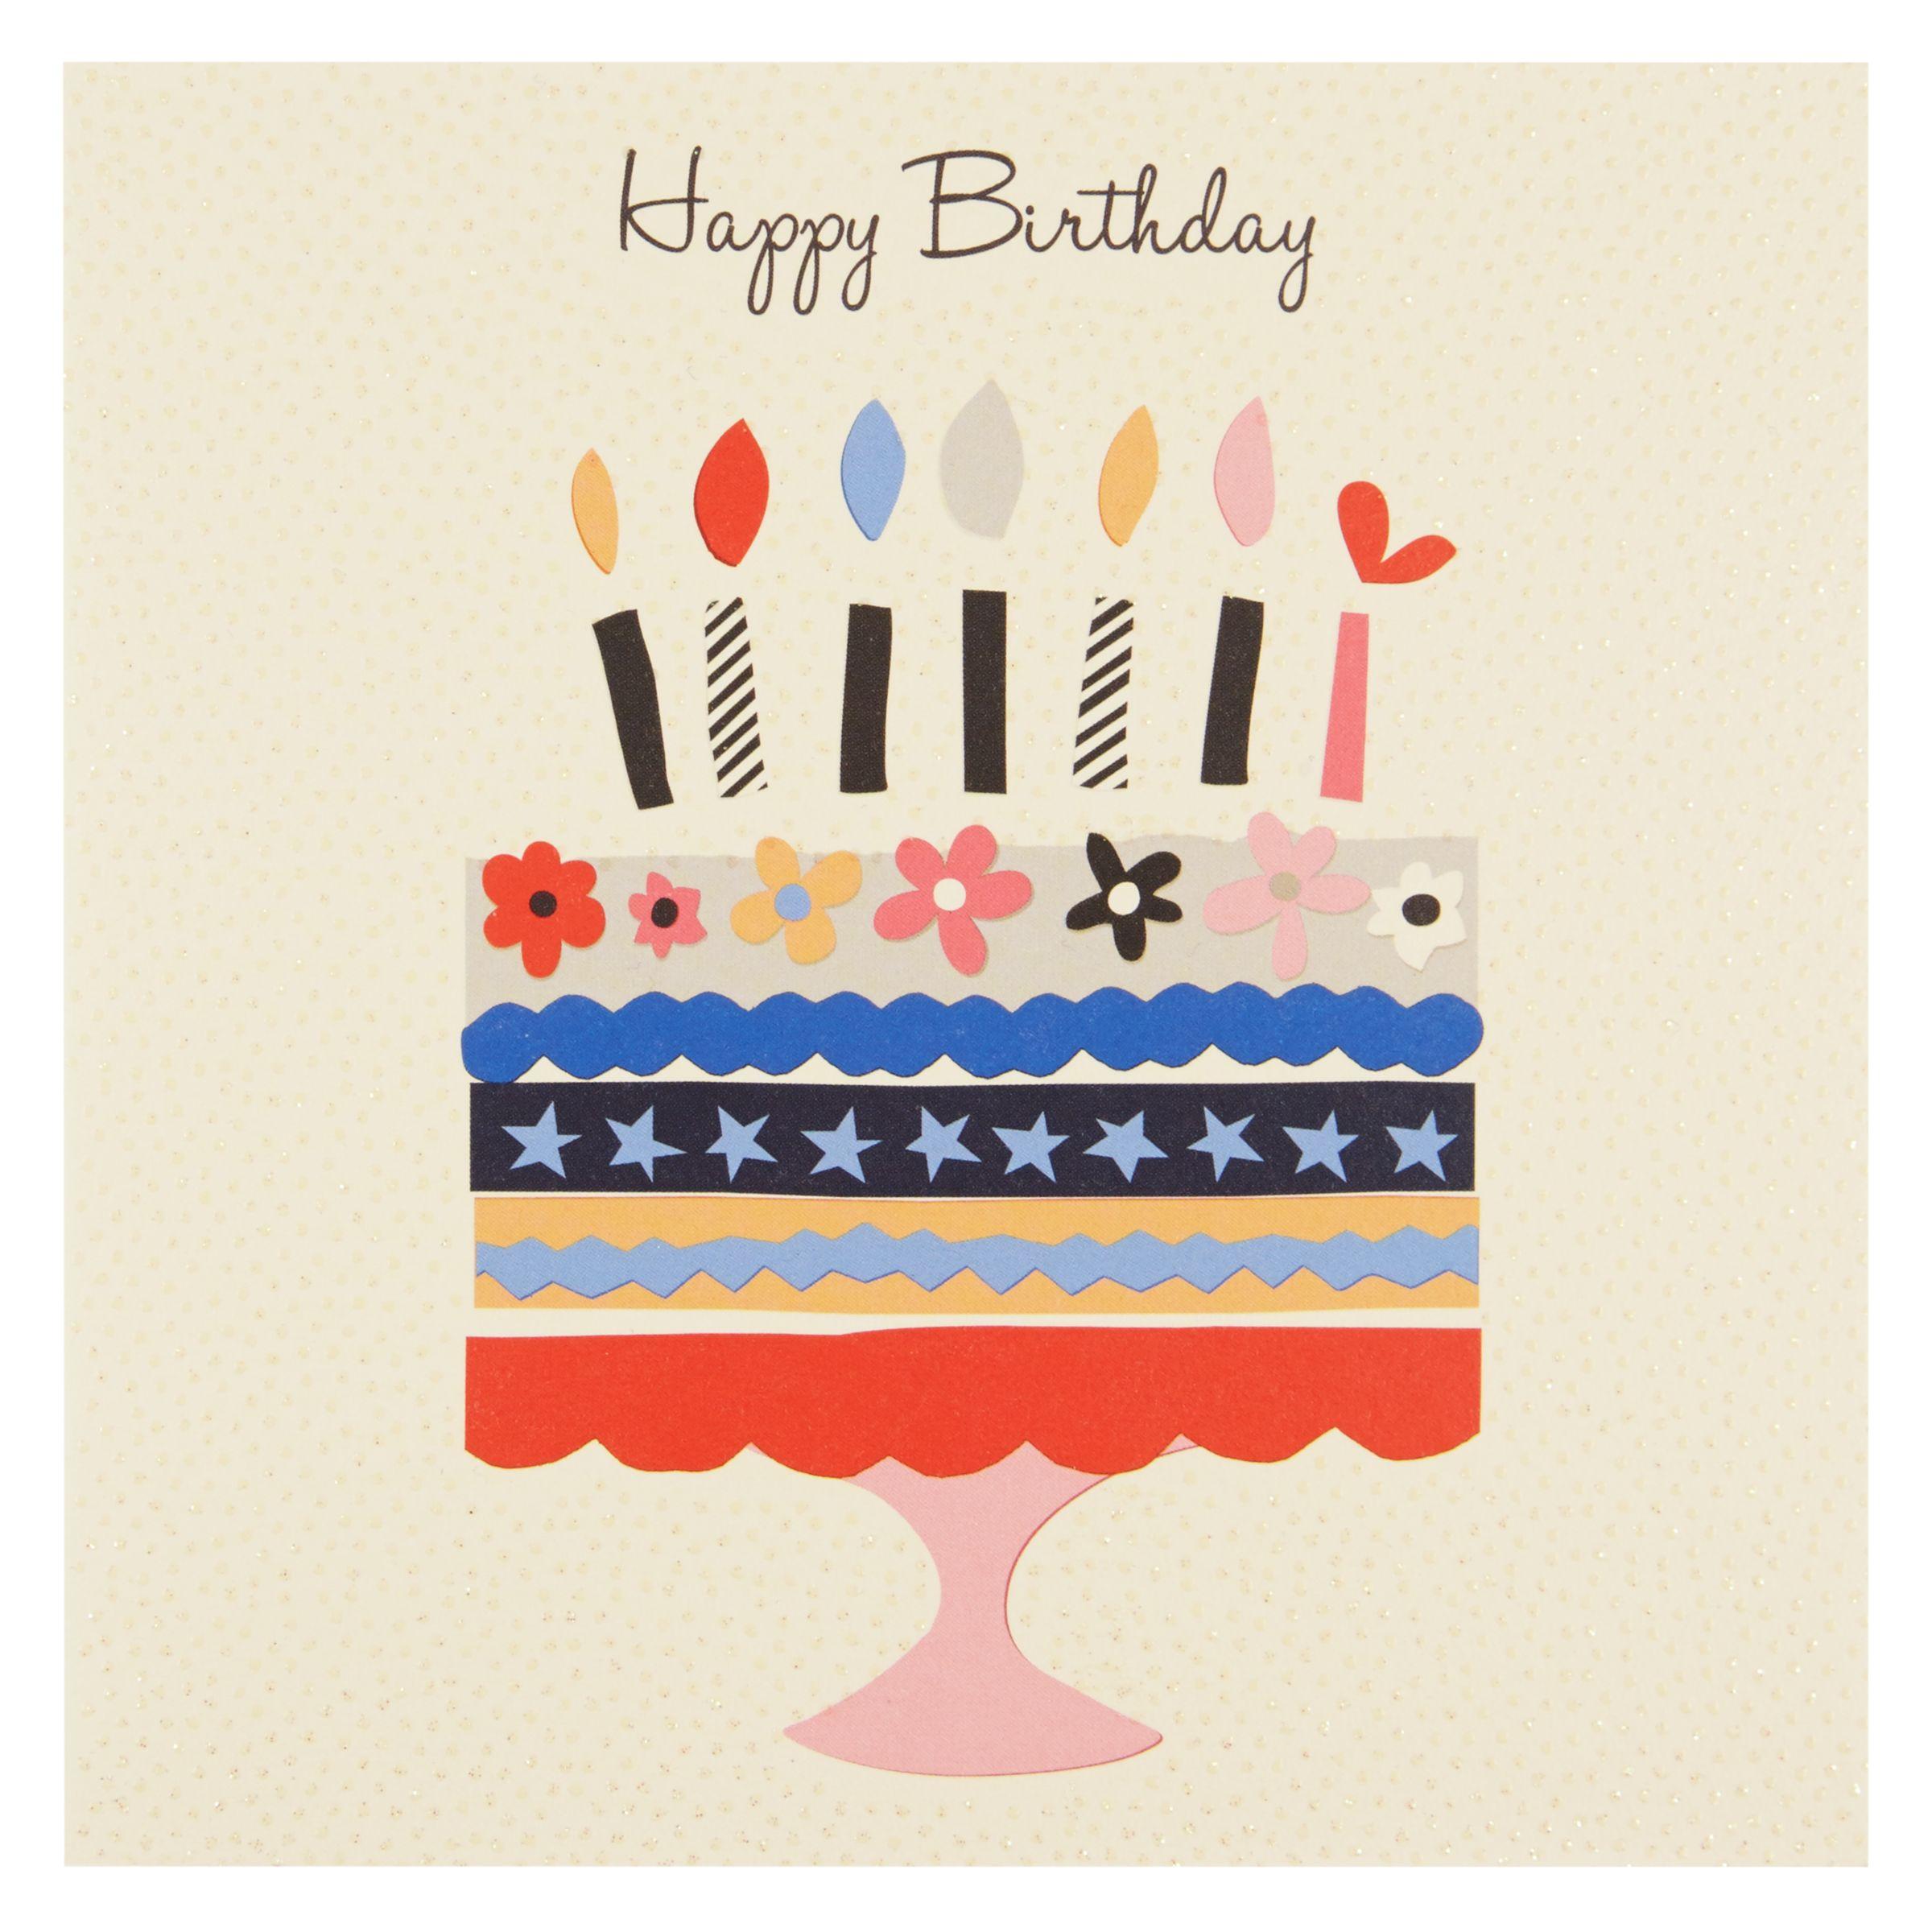 Birthday Cake John Lewis : Buy Pigment Birthday Cake Greeting Card John Lewis